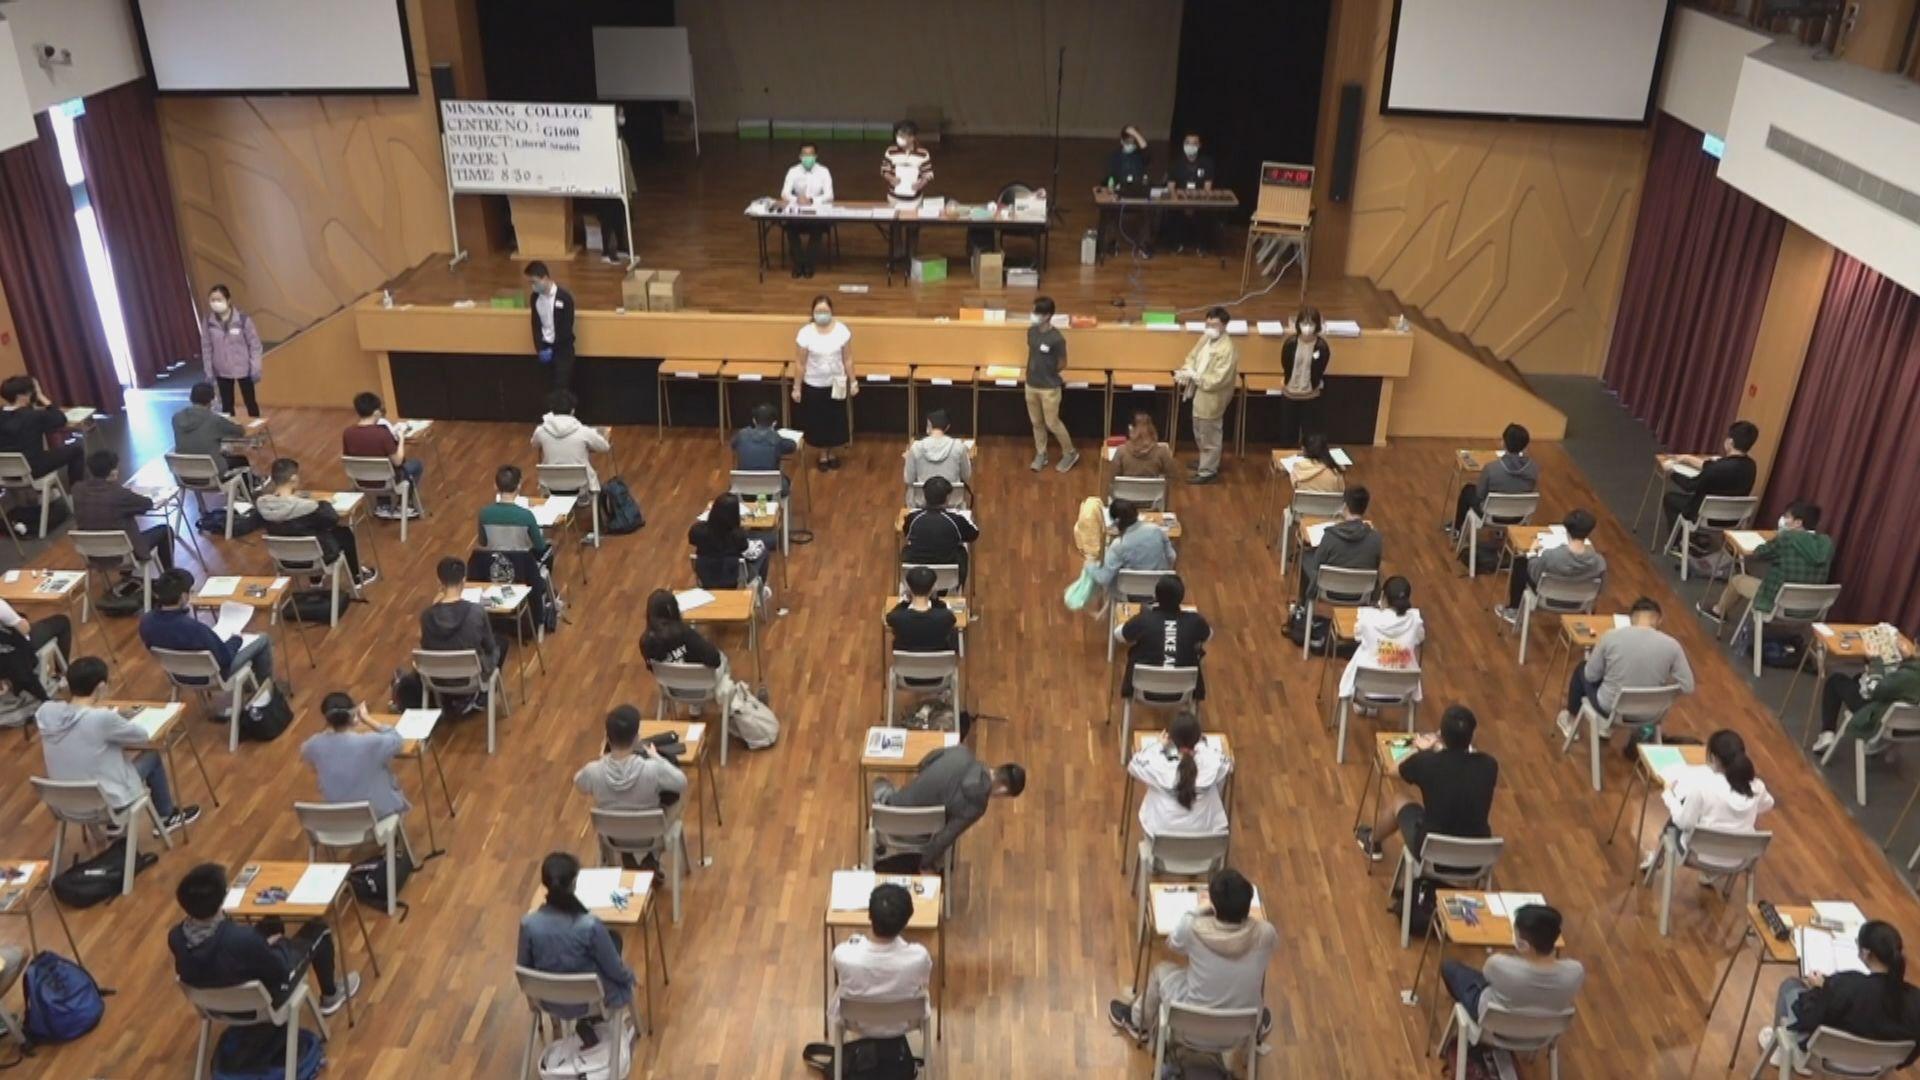 新華社文章批評香港教育系統藏污納垢 荼毒學生